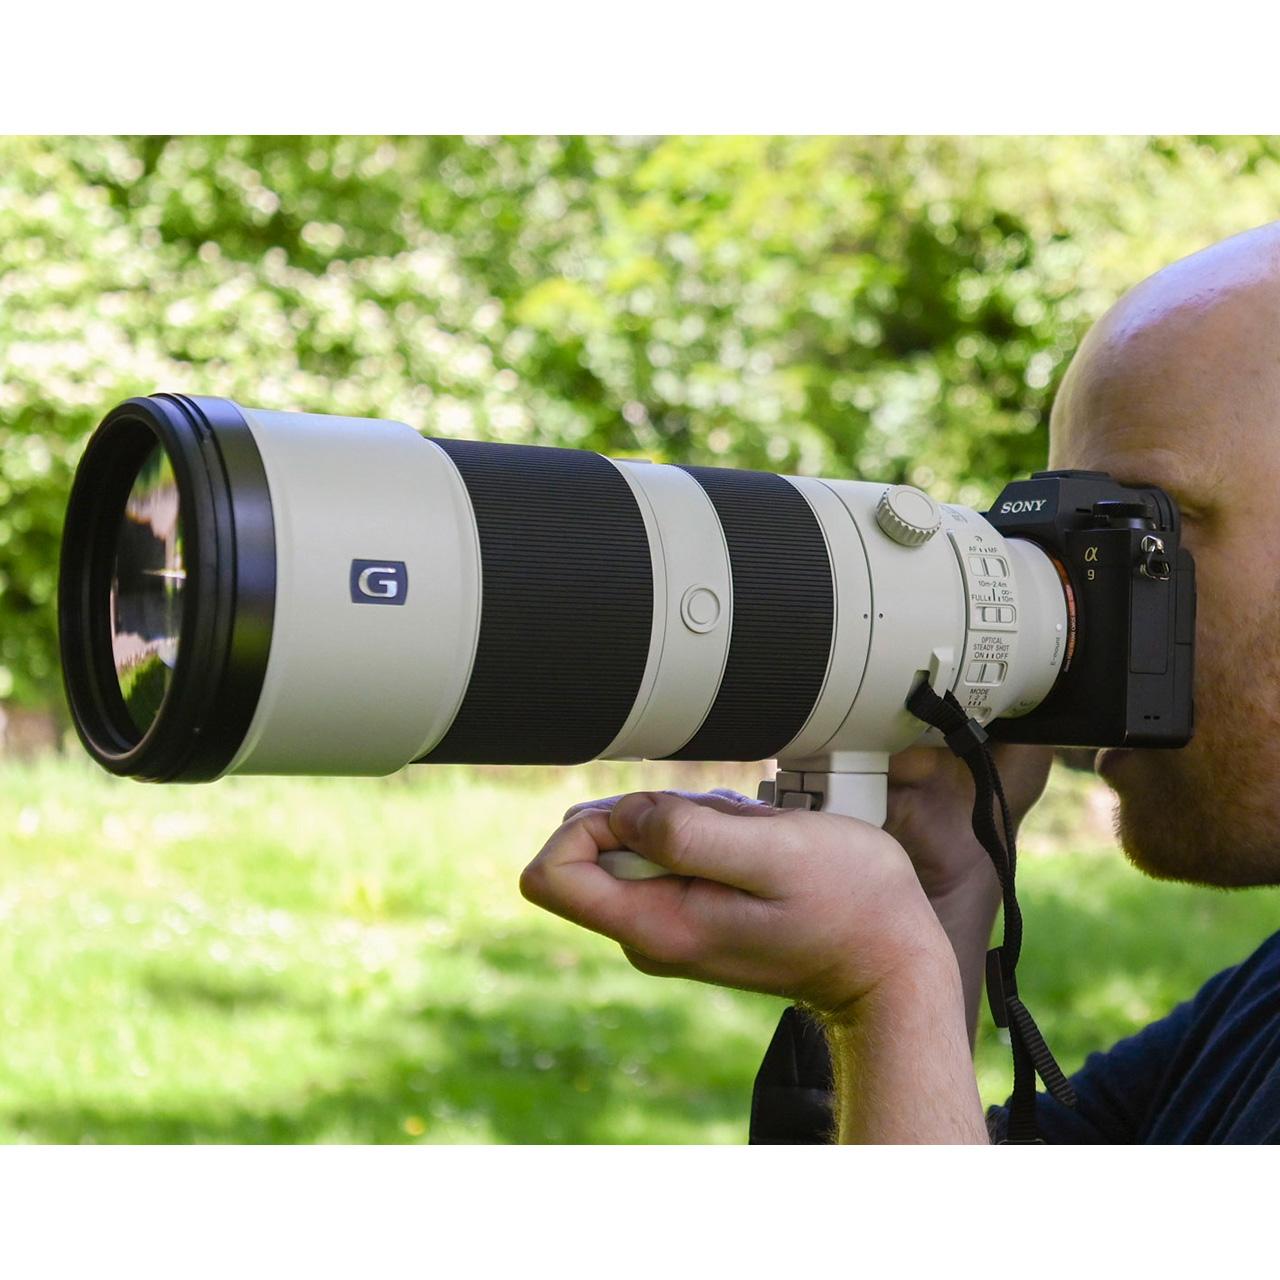 Sony Objetivo FE 200-600mm f/5.6-6.3 G OSS